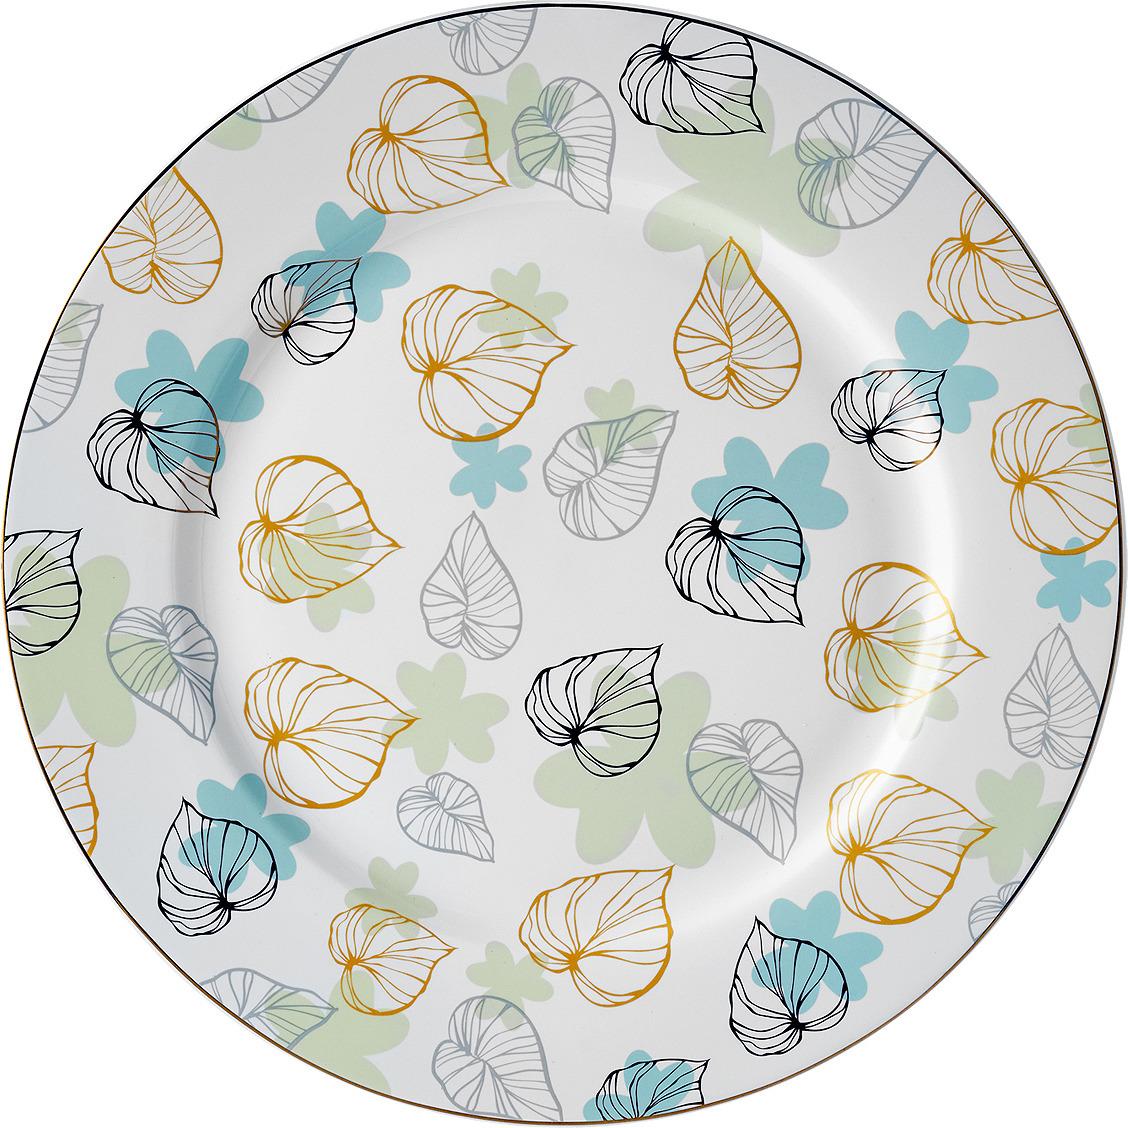 цены Набор тарелок Esprado Botanica, BTN027GE301, белый, разноцветный, диаметр 27 см, 6 шт